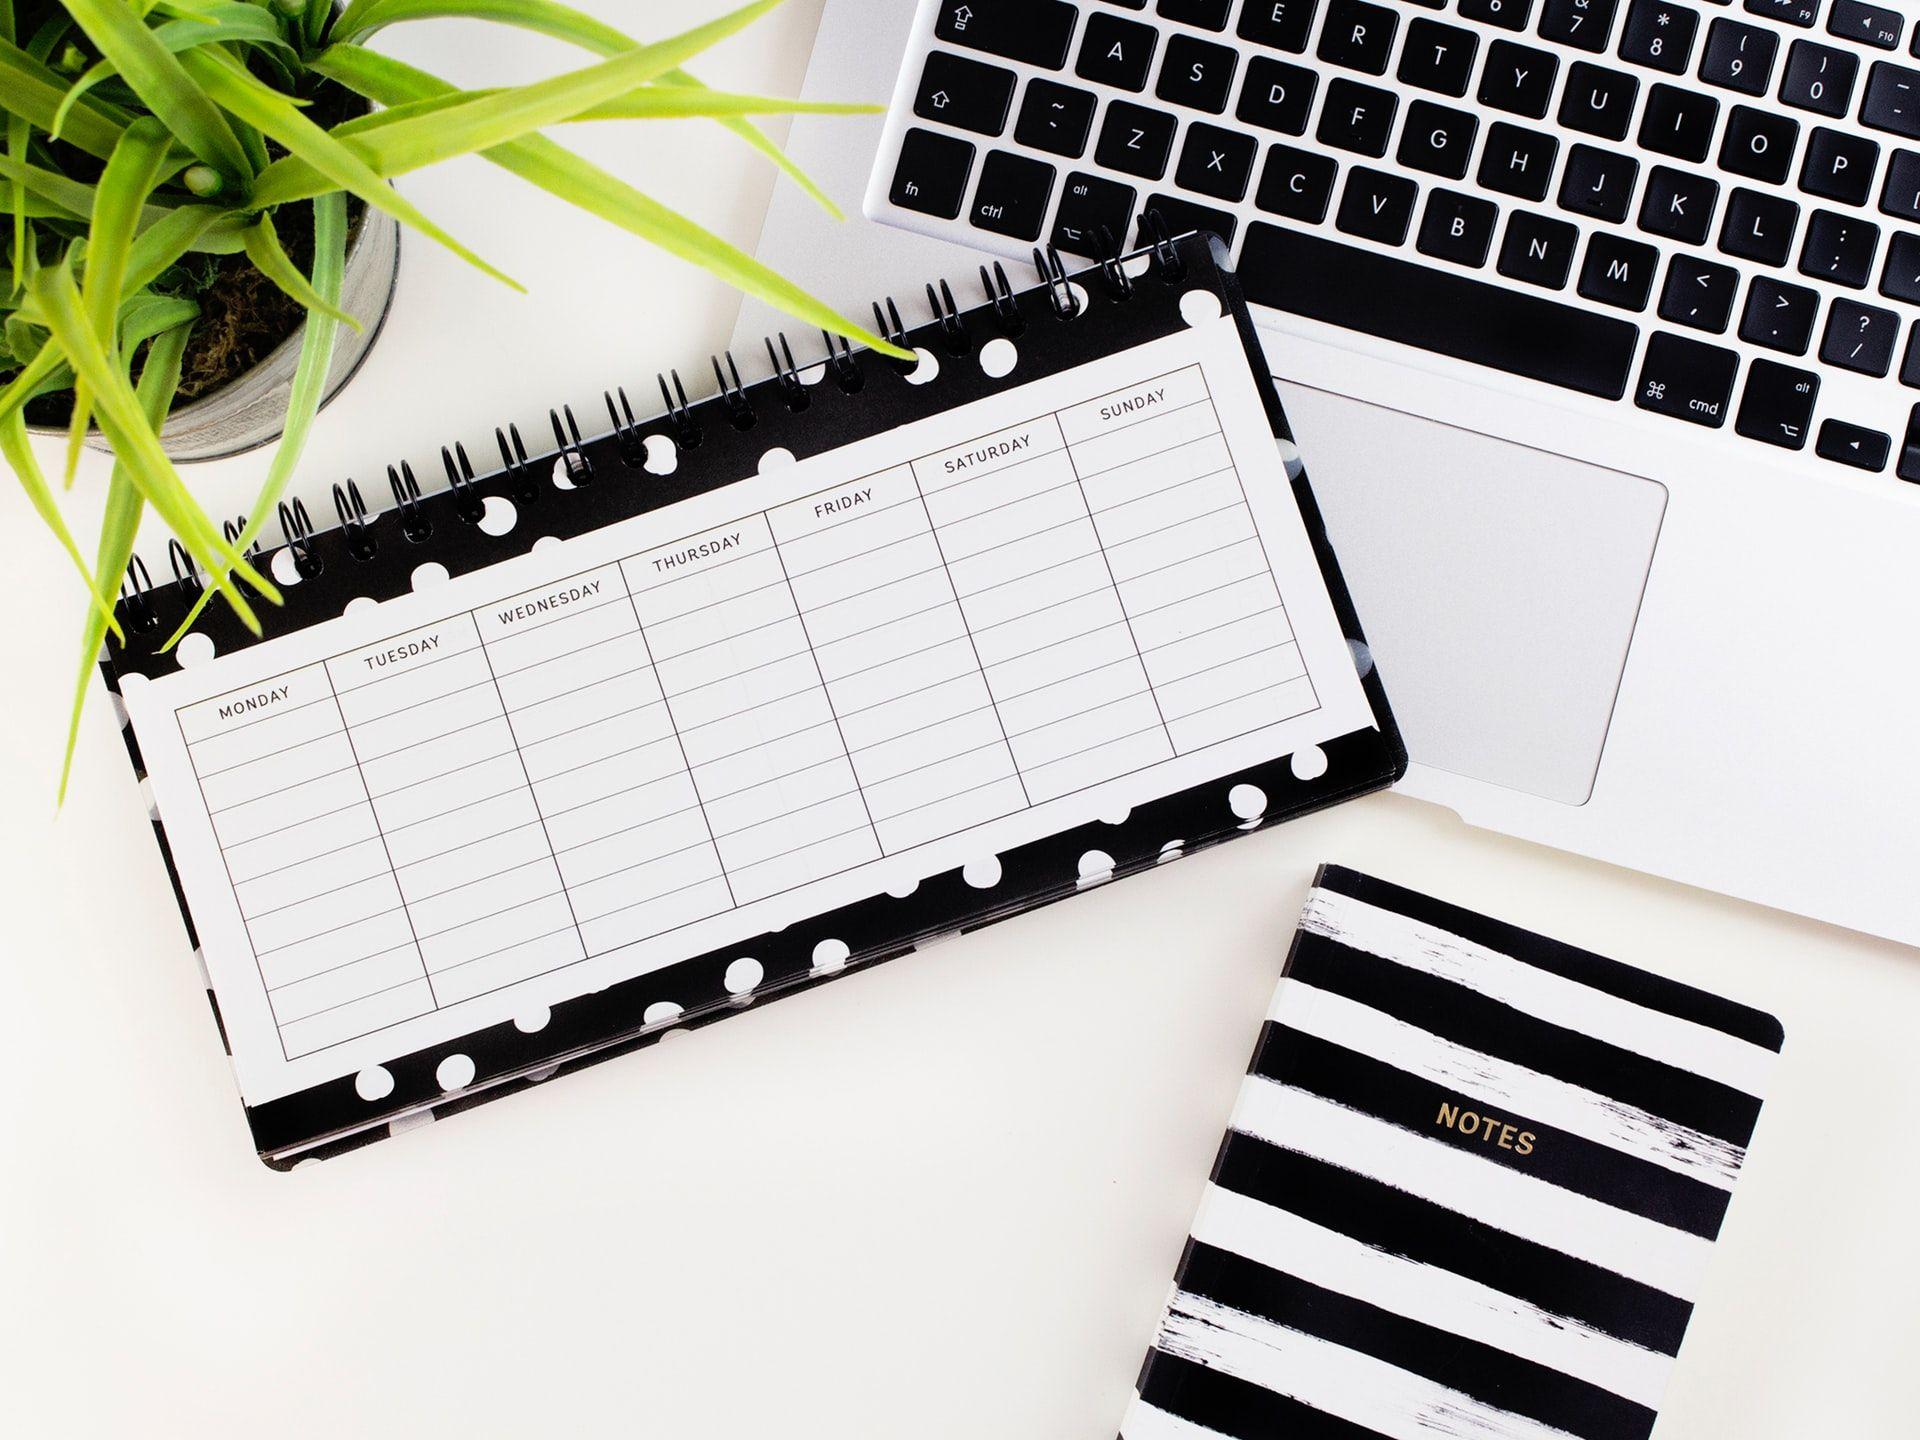 Mulai Jenuh #WFH? Ini 5 Kiat Tetap Fokus Bekerja dari Rumah